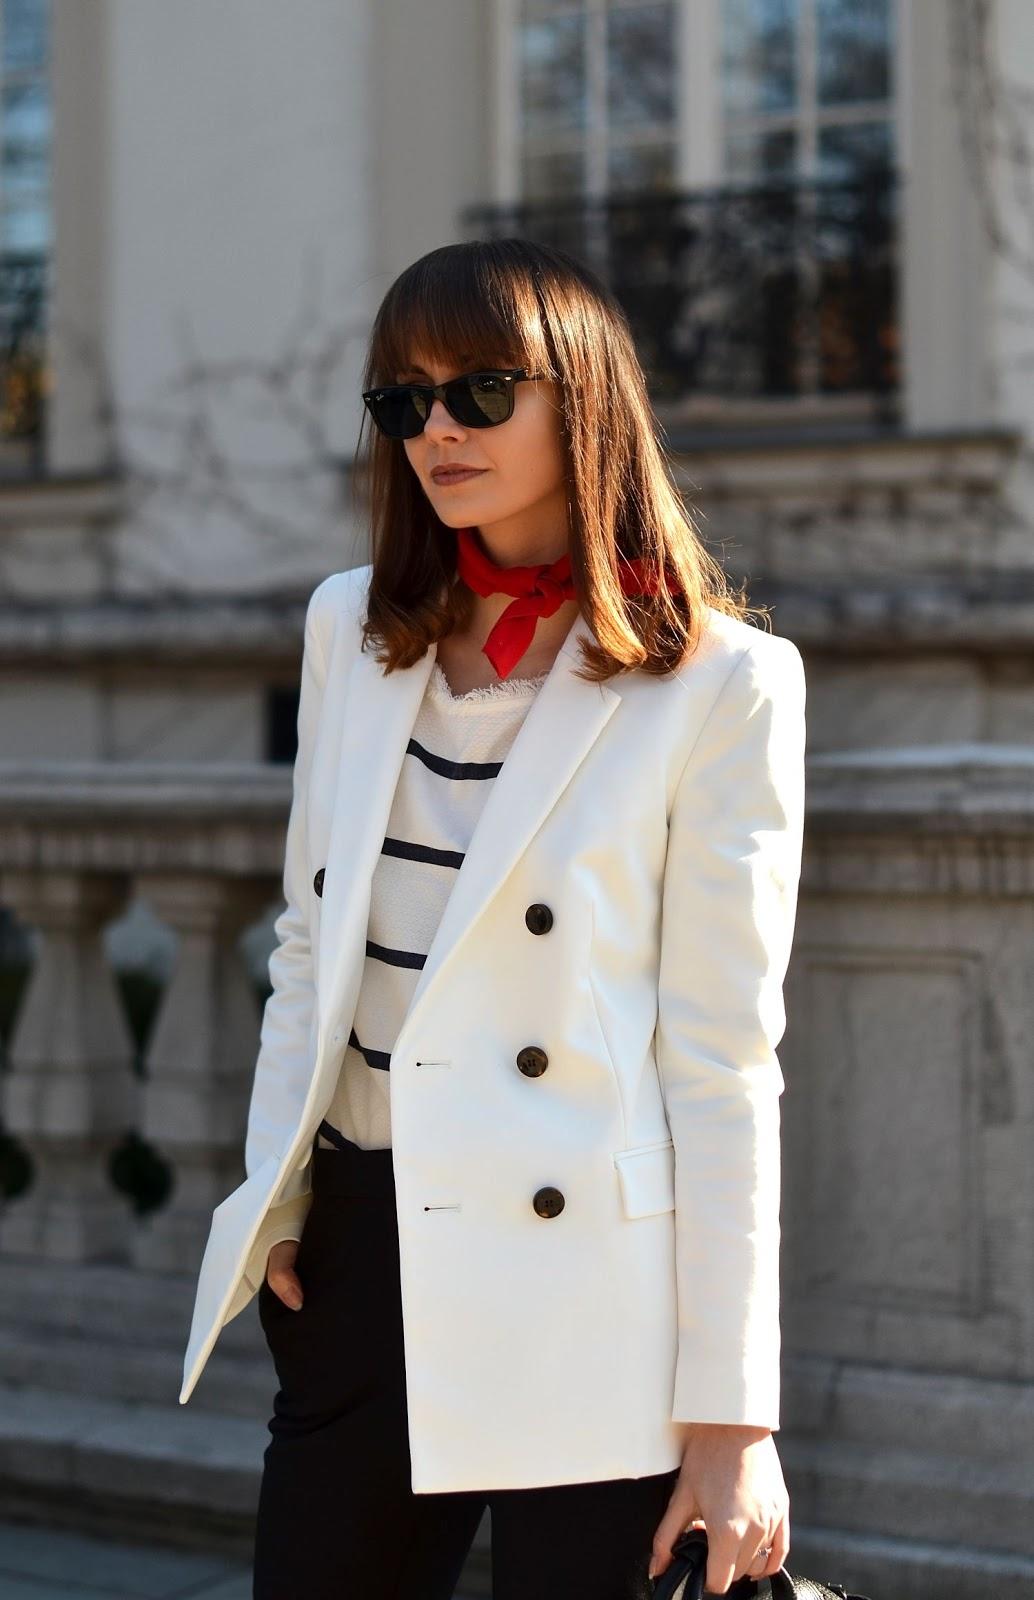 elegancka kobieta | stylowy zestaw na co dzien